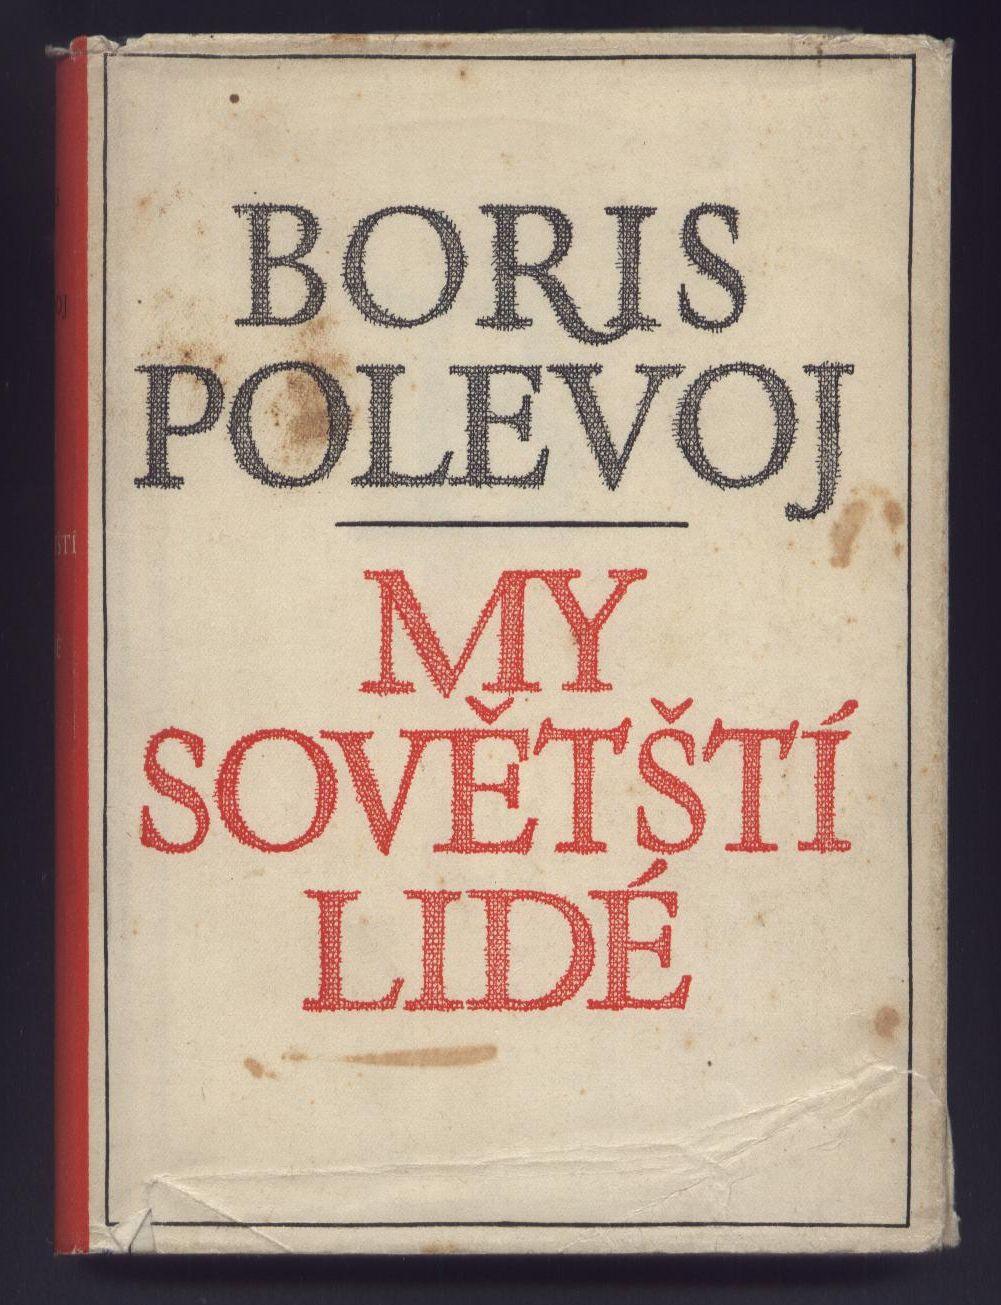 My sovětští lidé. Příběhy velké vlastenecké války - Boris Polevoj